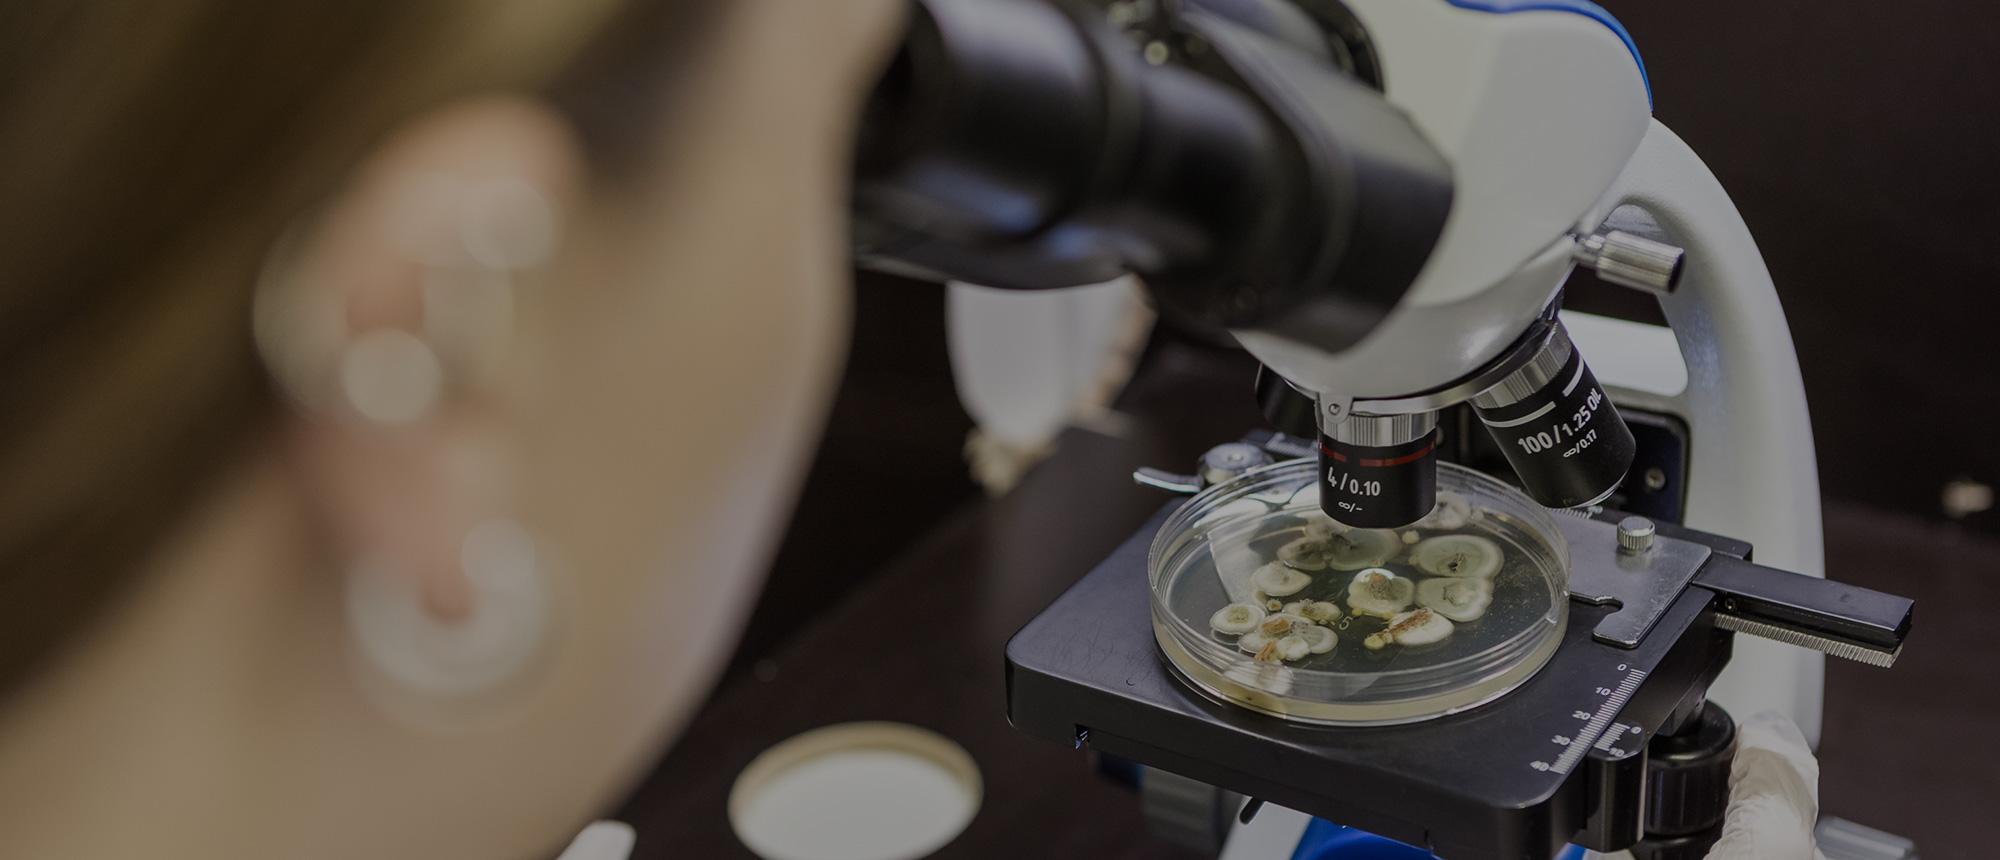 mikrobianalyysit